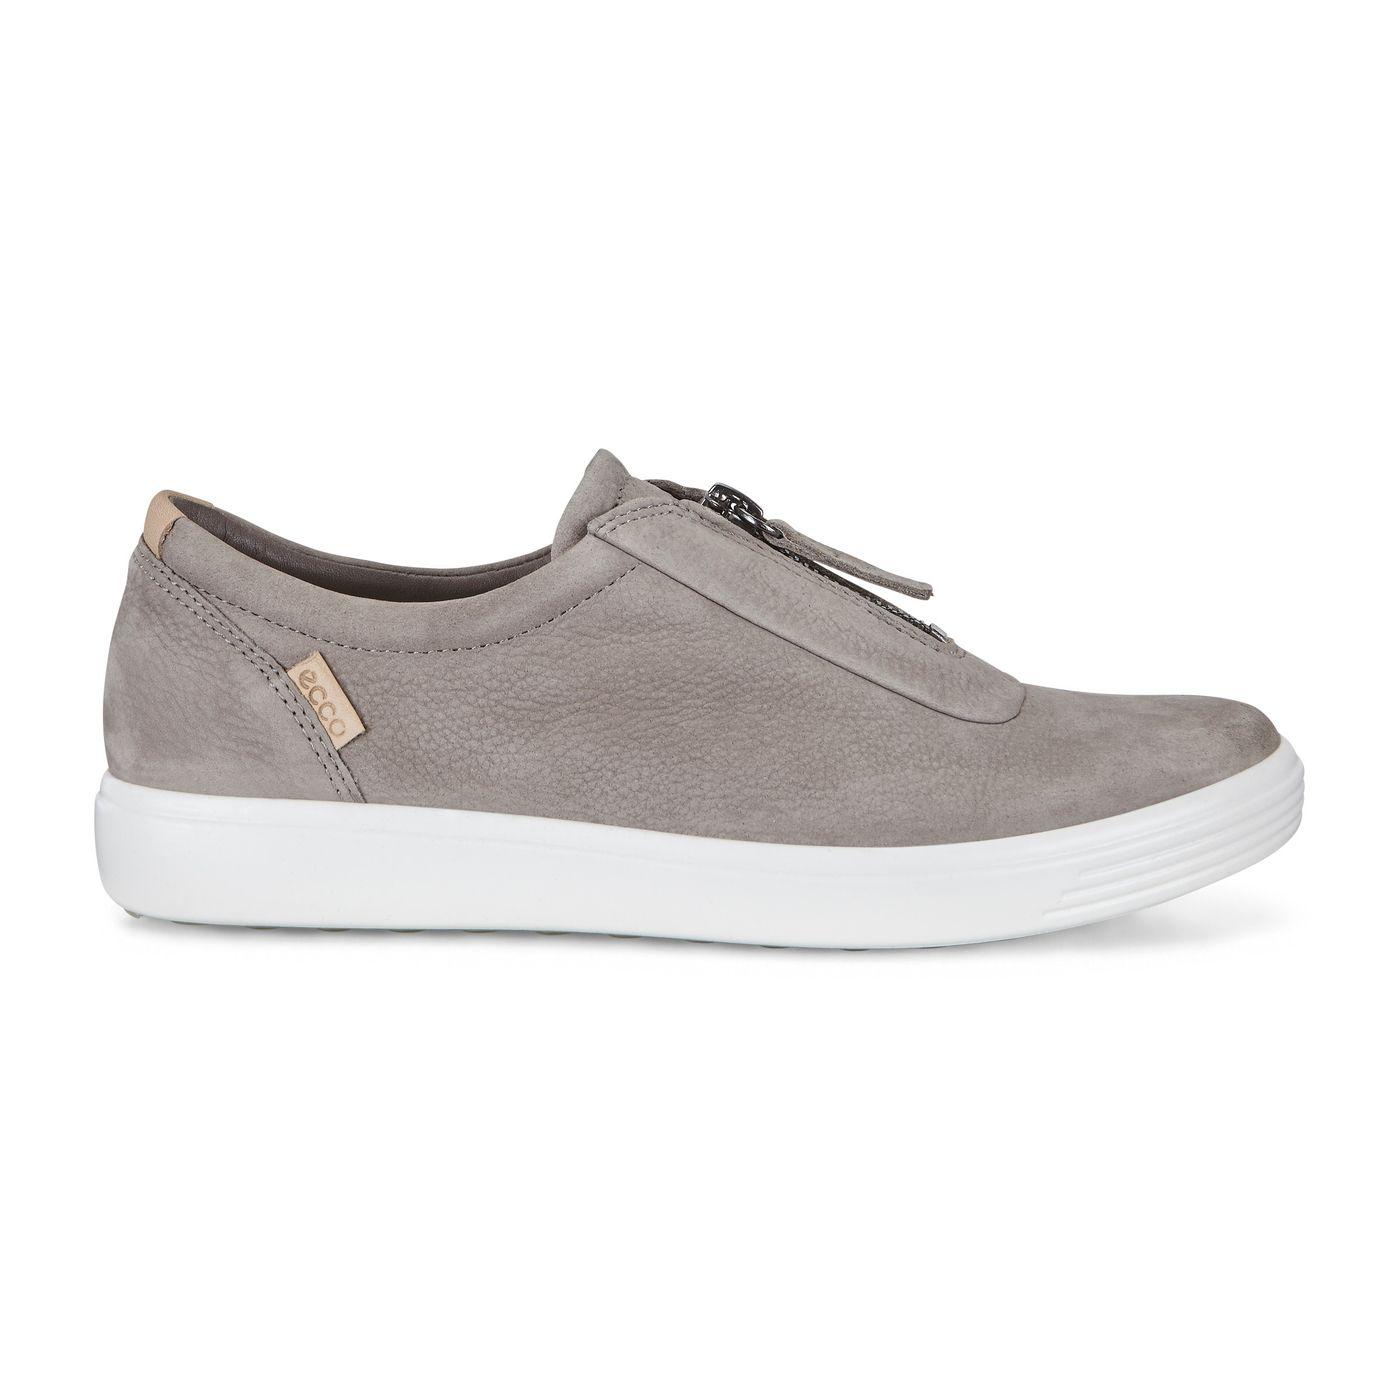 55d84bc8de ECCO Womens Soft 7 Zip | inst stories | Shoes, Women slip on ...